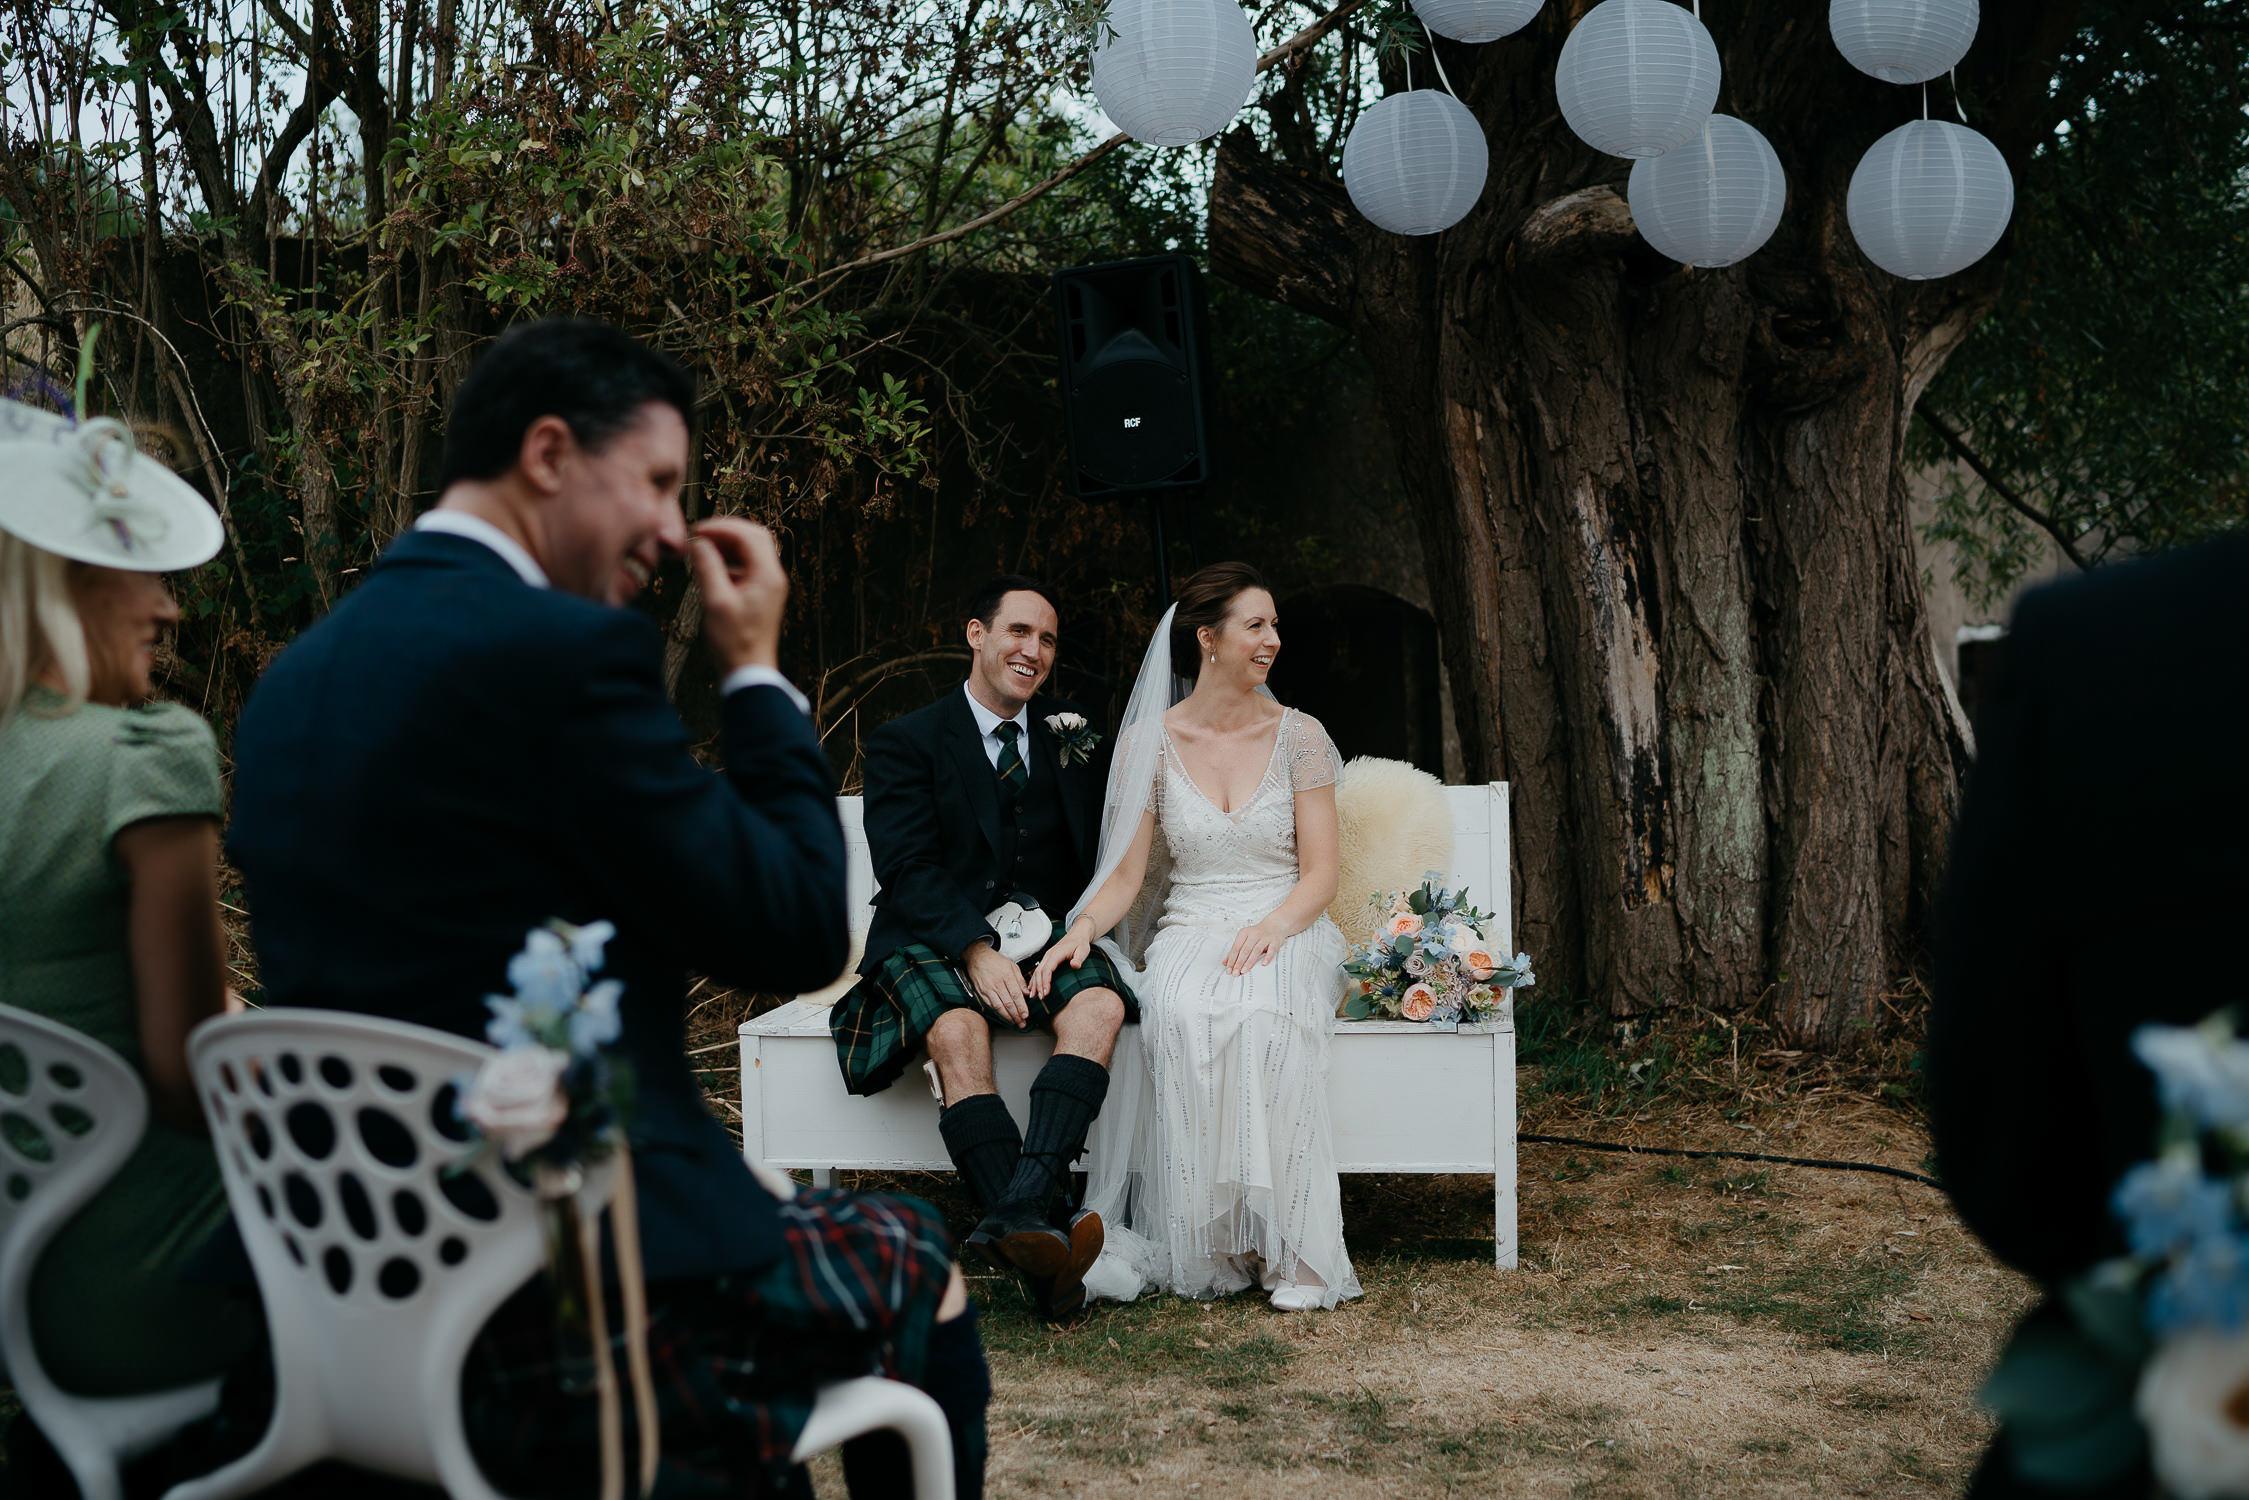 fantastisch bruiloft fotografie bruidsfotograaf mark hadden van amsterdam